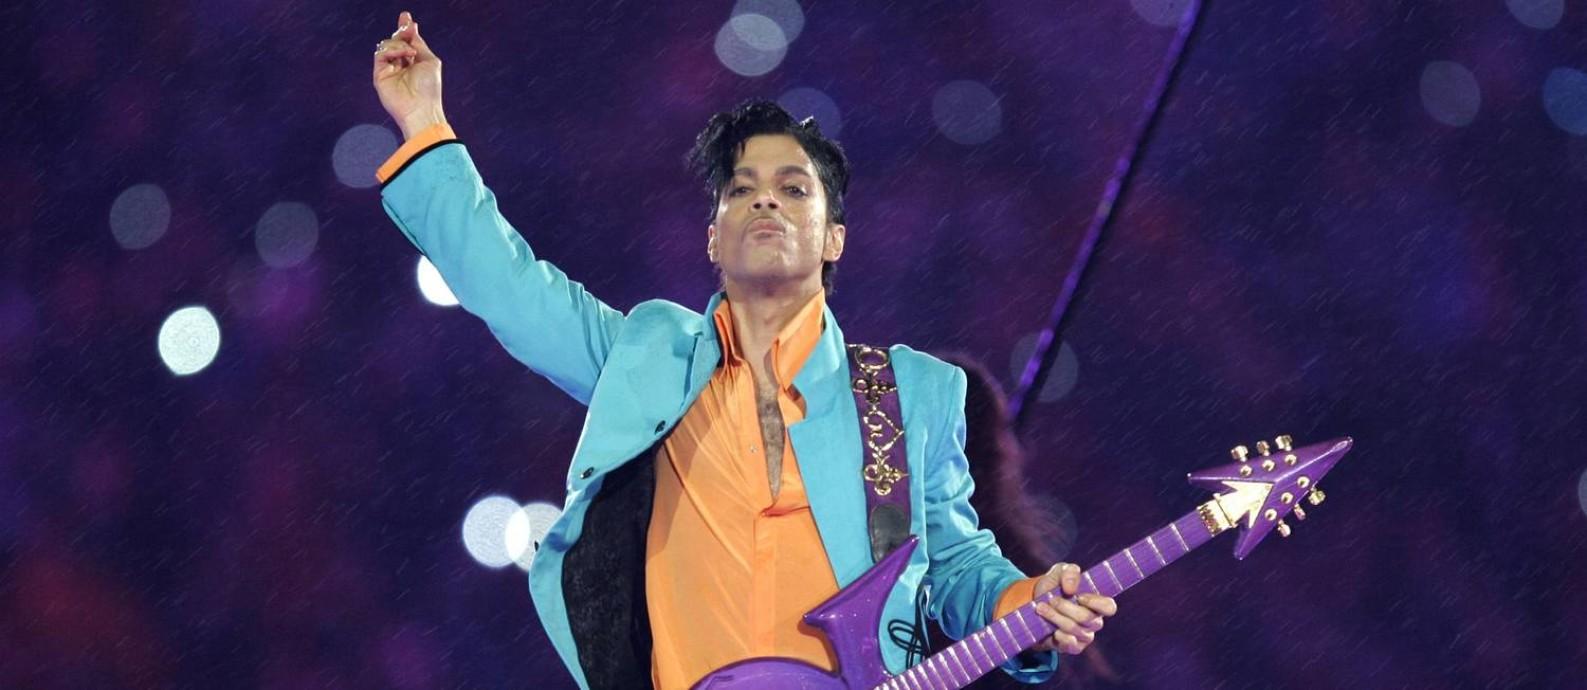 Prince, em apresentação no intervalo do Super Bowl, em 2007 Foto: Chris O'Meara / AP